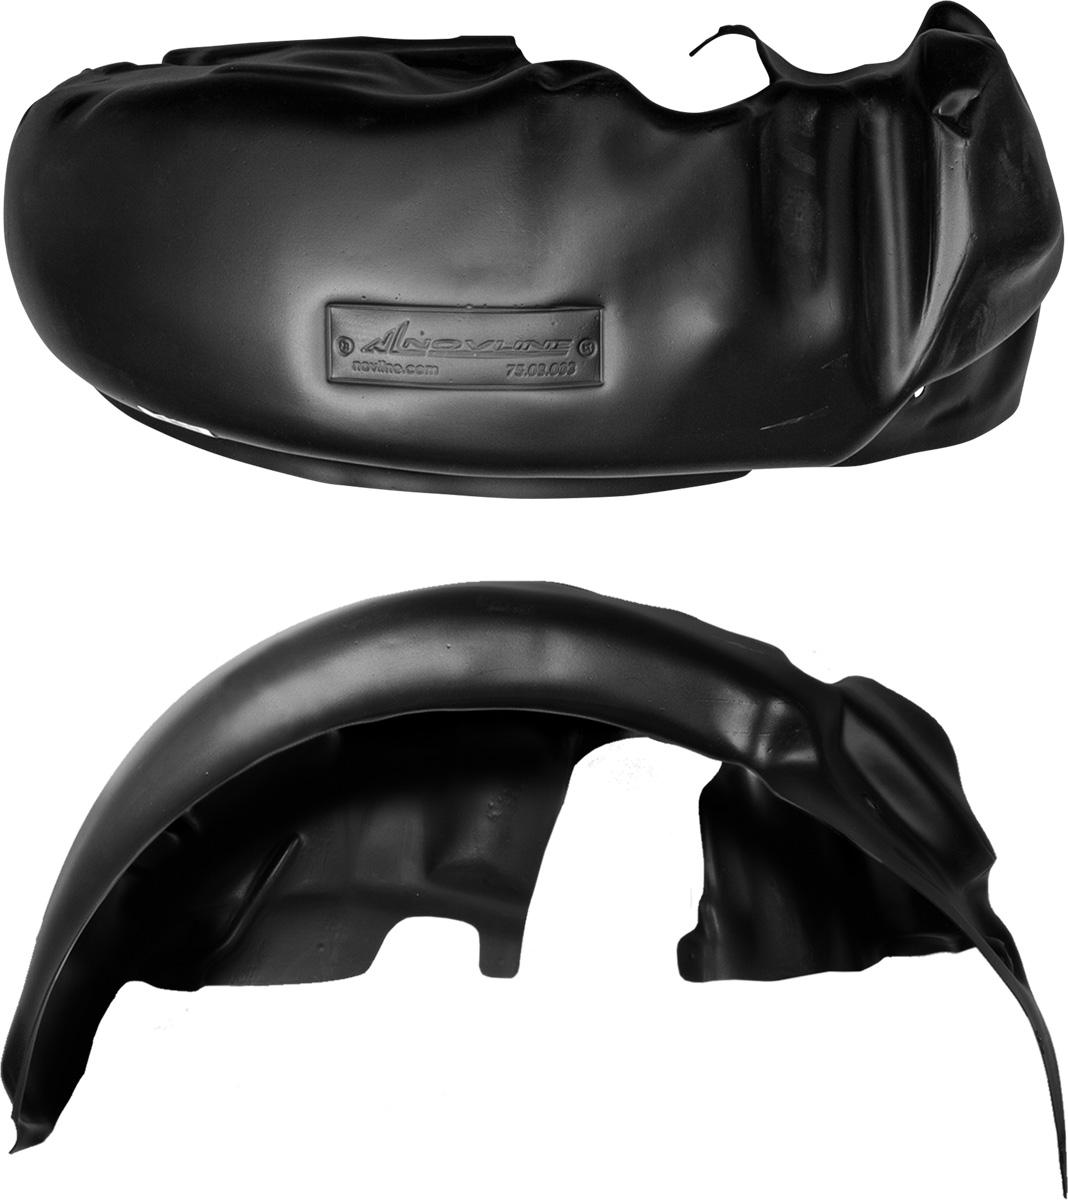 Подкрылок Novline-Autofamily, для Mitsubishi Outlander, 2012->, задний левыйNLL.35.26.003Колесные ниши - одни из самых уязвимых зон днища вашего автомобиля. Они постоянно подвергаются воздействию со стороны дороги. Лучшая, почти абсолютная защита для них - специально отформованные пластиковые кожухи, которые называются подкрылками. Производятся они как для отечественных моделей автомобилей, так и для иномарок. Подкрылки Novline-Autofamily выполнены из высококачественного, экологически чистого пластика. Обеспечивают надежную защиту кузова автомобиля от пескоструйного эффекта и негативного влияния, агрессивных антигололедных реагентов. Пластик обладает более низкой теплопроводностью, чем металл, поэтому в зимний период эксплуатации использование пластиковых подкрылков позволяет лучше защитить колесные ниши от налипания снега и образования наледи. Оригинальность конструкции подчеркивает элегантность автомобиля, бережно защищает нанесенное на днище кузова антикоррозийное покрытие и позволяет осуществить крепление подкрылков внутри колесной арки практически без дополнительного крепежа и сверления, не нарушая при этом лакокрасочного покрытия, что предотвращает возникновение новых очагов коррозии. Подкрылки долговечны, обладают высокой прочностью и сохраняют заданную форму, а также все свои физико-механические характеристики в самых тяжелых климатических условиях (от -50°С до +50°С).Уважаемые клиенты!Обращаем ваше внимание, на тот факт, что подкрылок имеет форму, соответствующую модели данного автомобиля. Фото служит для визуального восприятия товара.